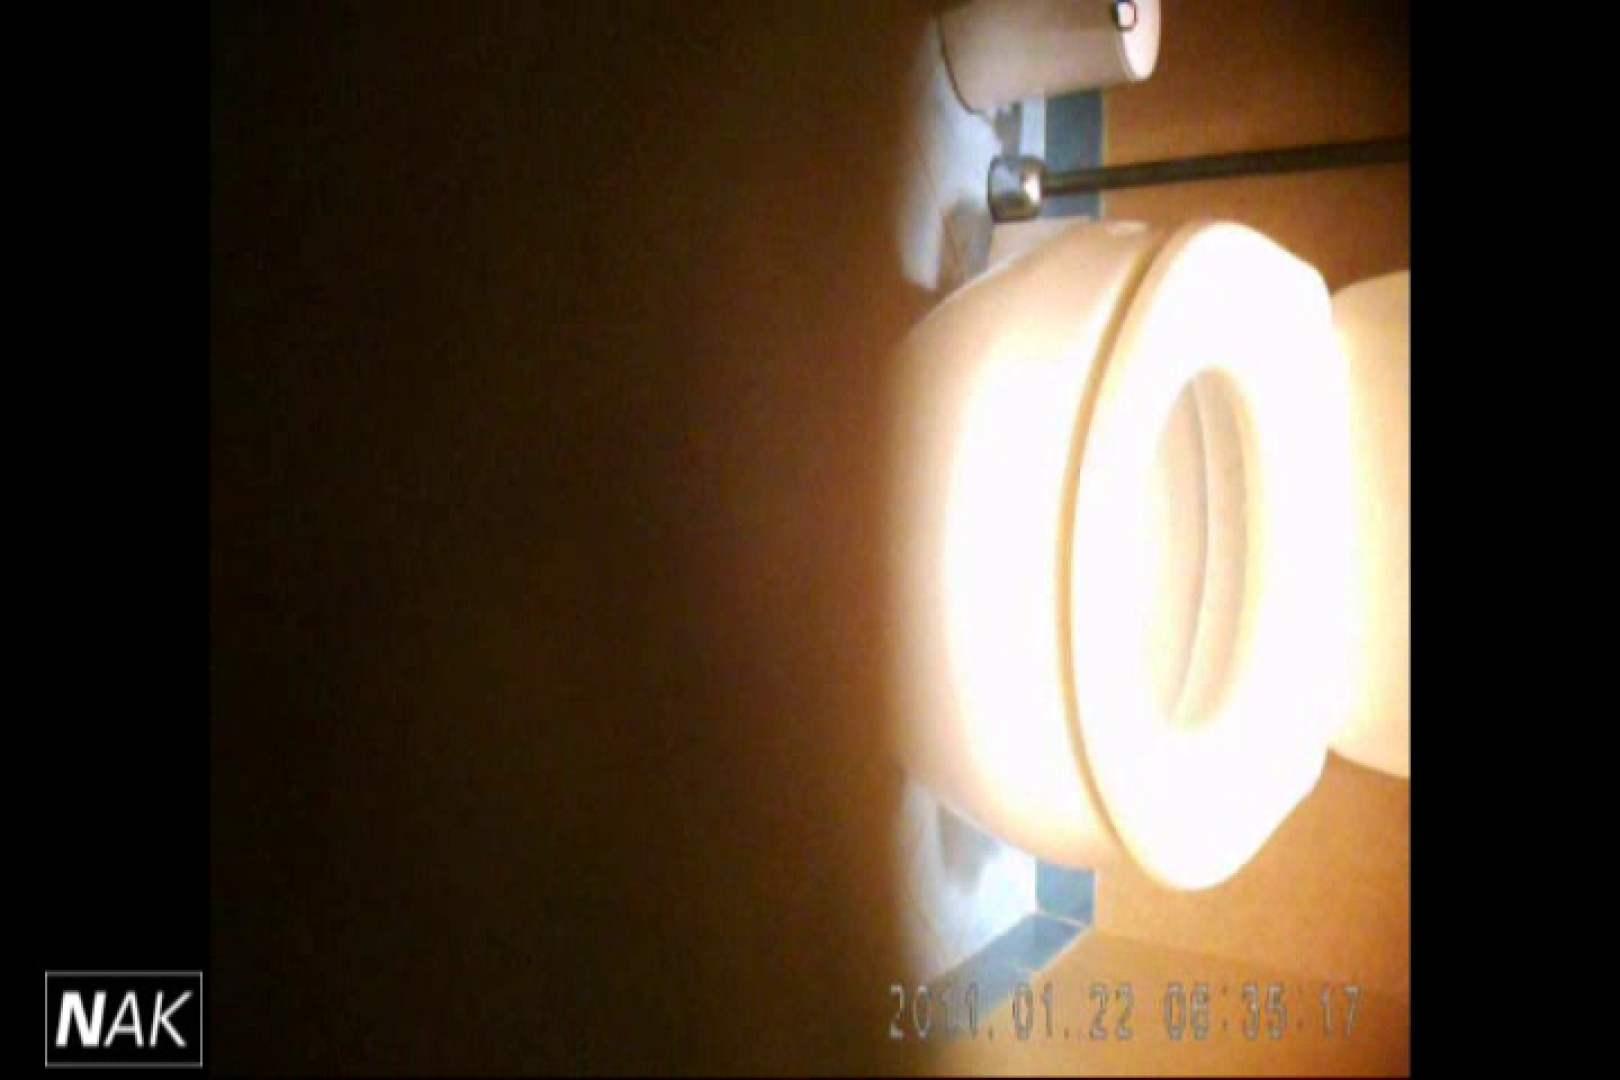 せん八さんの厠観察日記!2点監視カメラ 高画質5000K vol.09 厠 | リアル黄金水  90画像 16